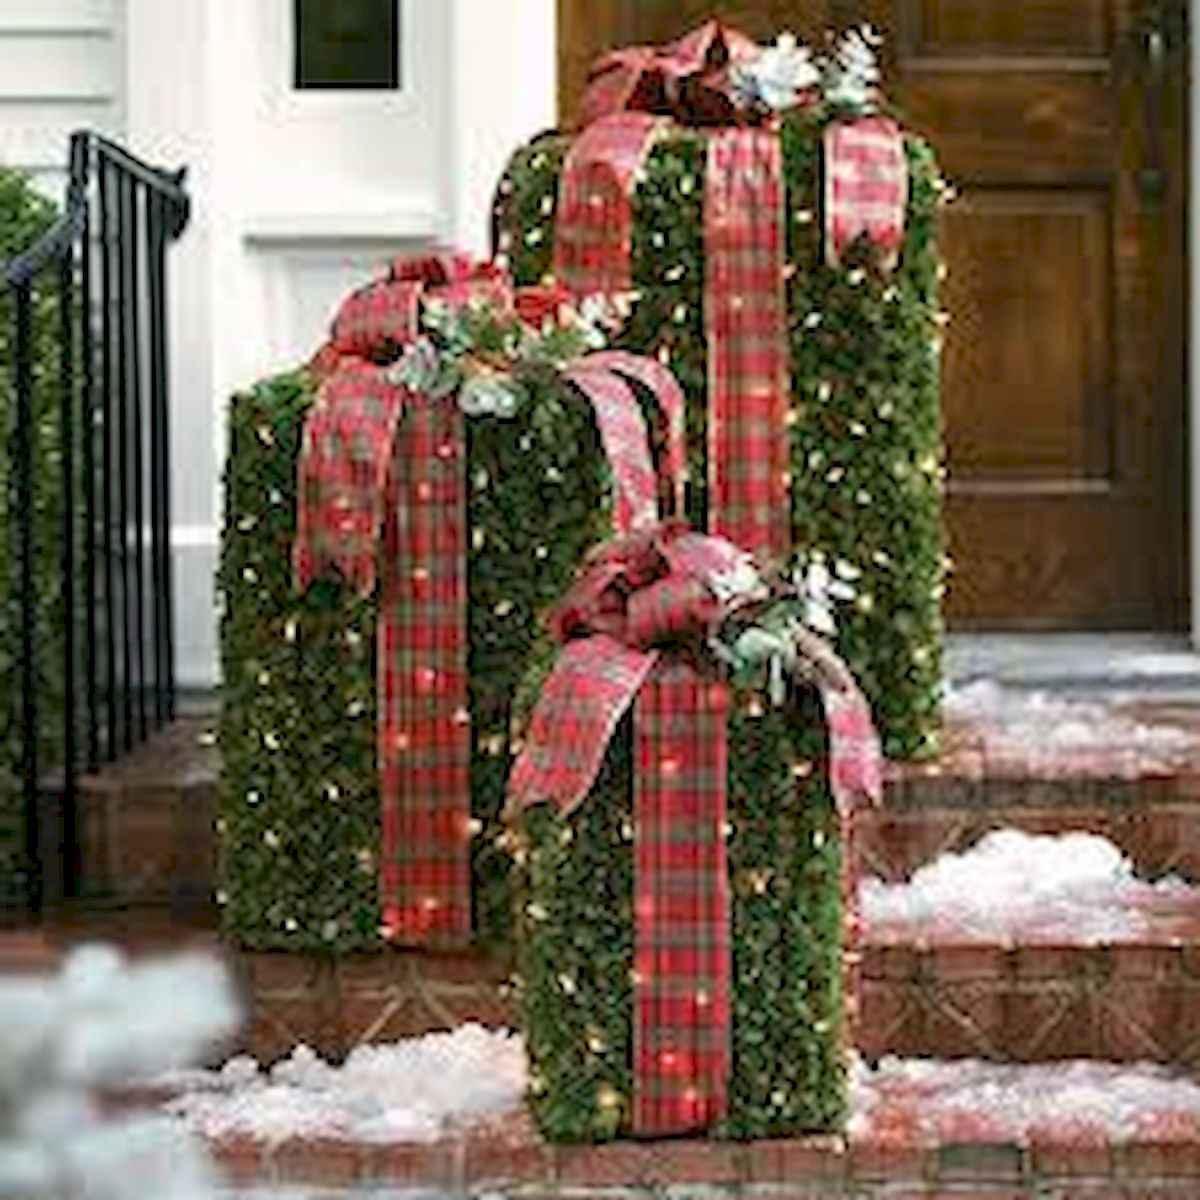 40 Amazing Outdoor Christmas Decor Ideas 25 Coachdecor Com